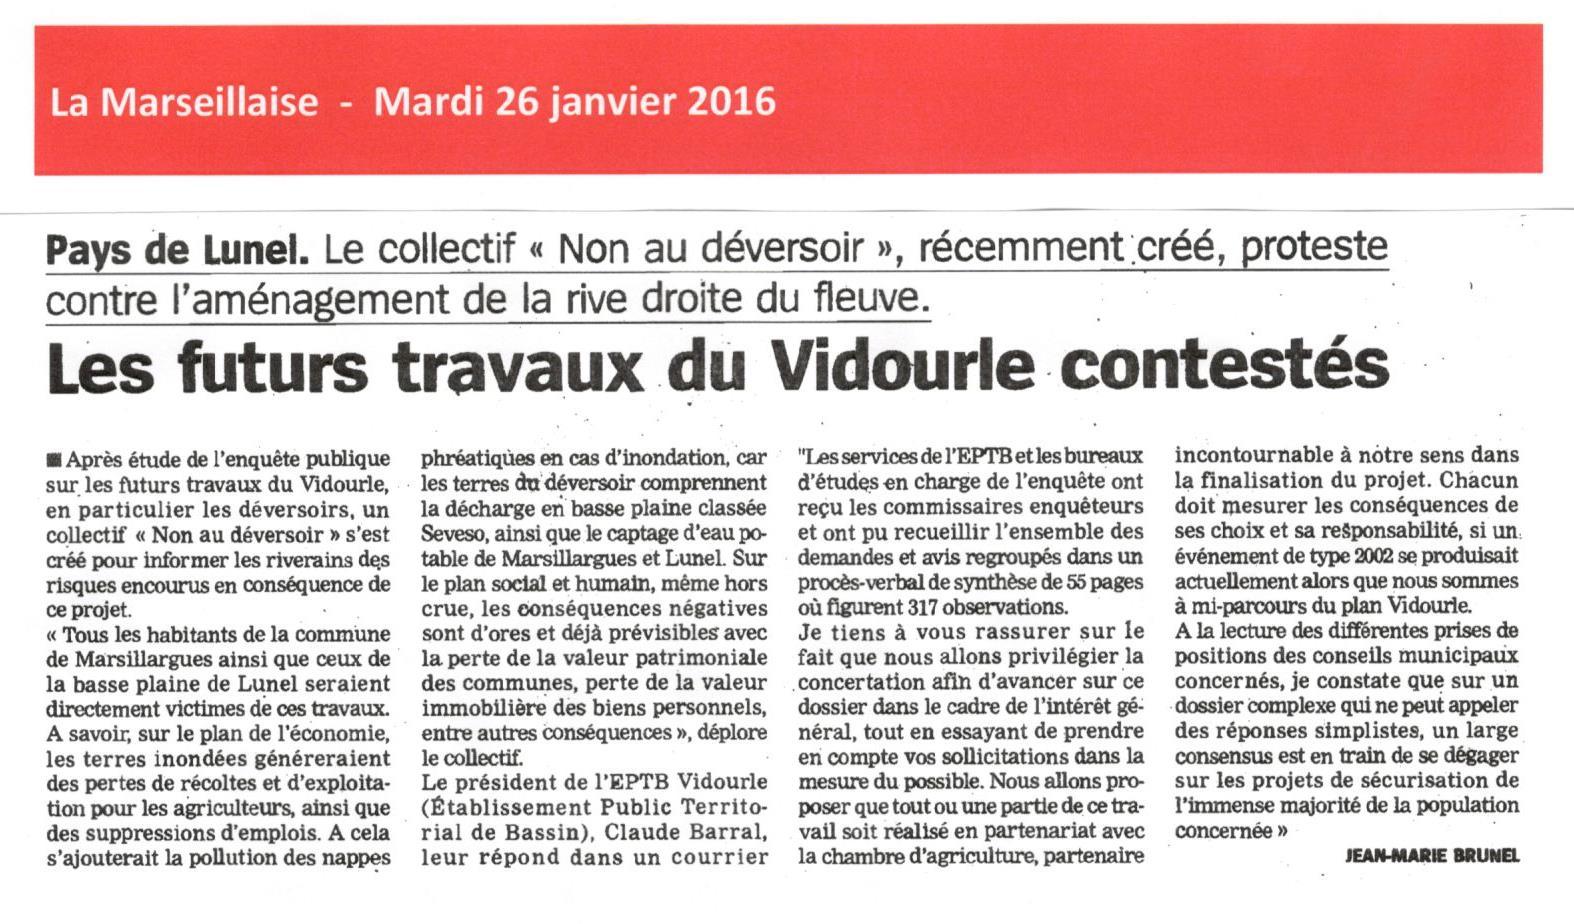 Le Président de l'EPTB Vidourle, Claude BARRAL tient à rassurer la population sur les futurs travaux du Vidourle